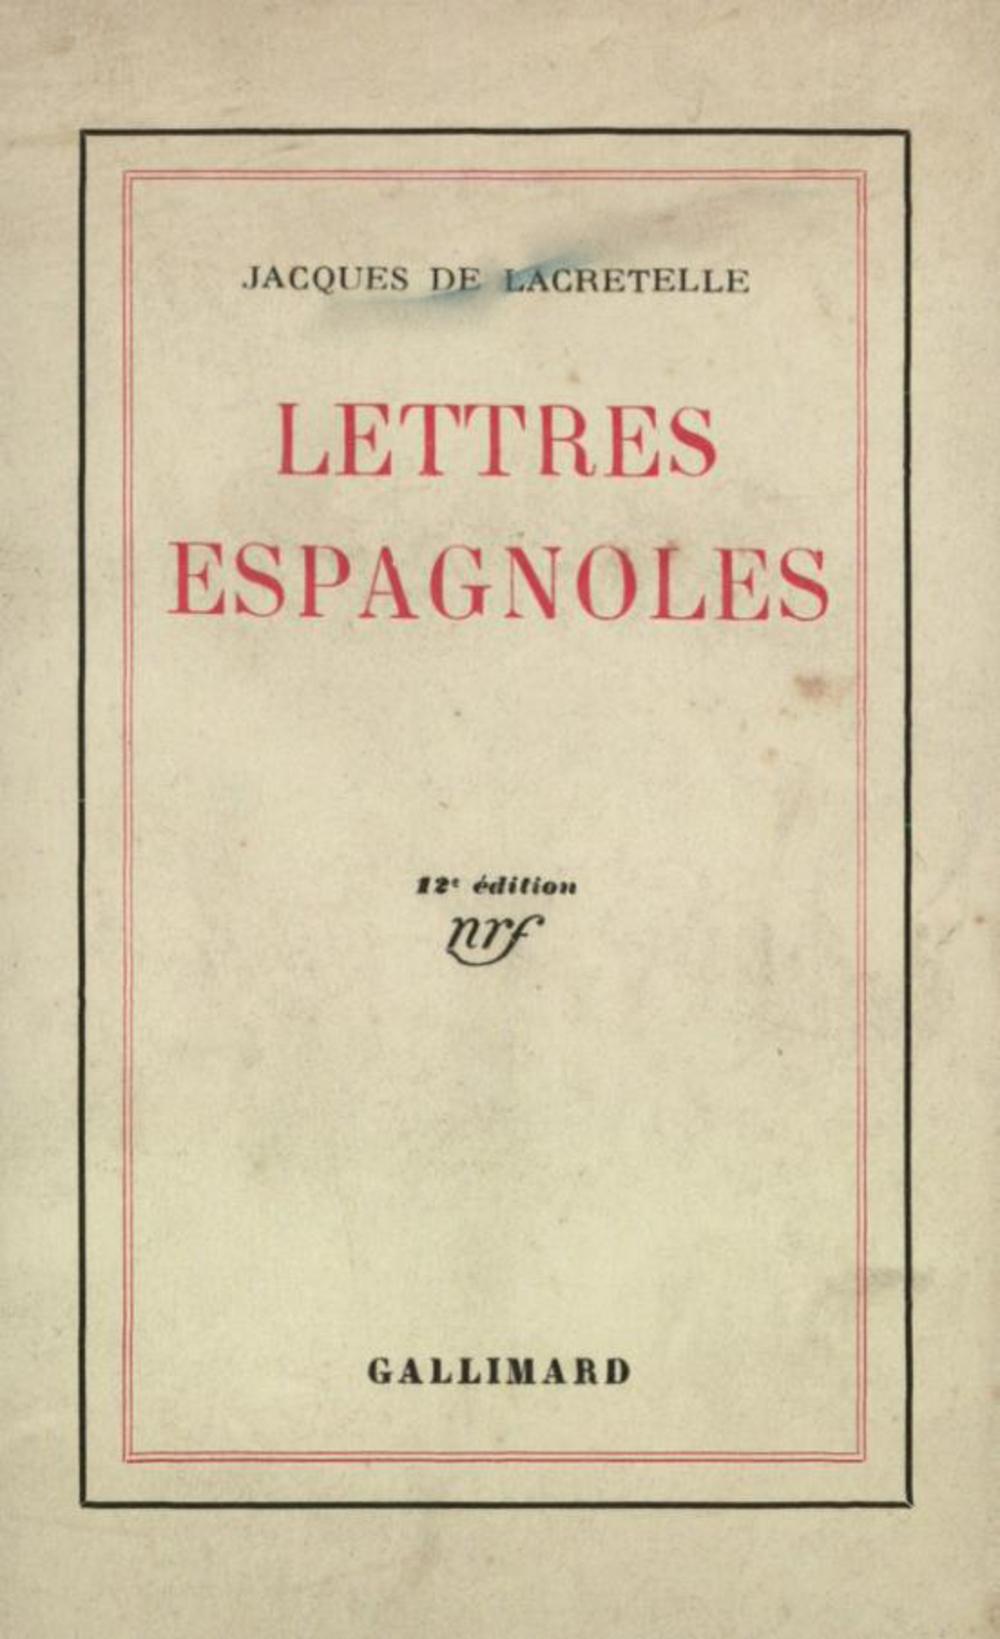 Lettres espagnoles